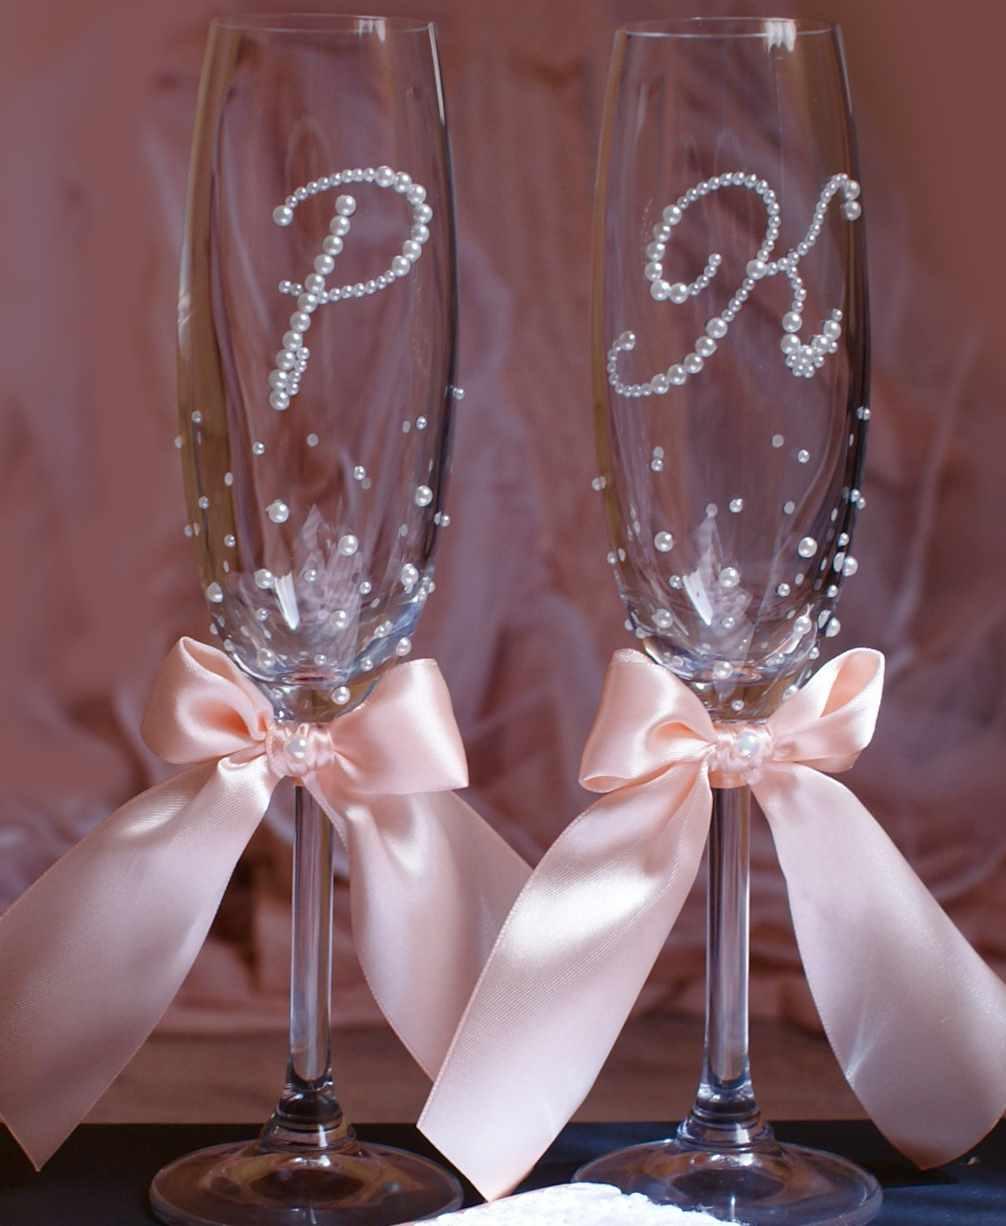 Как украсить бокалы на свадьбу? фото идеи декора свадебных бокалов жениха и невесты